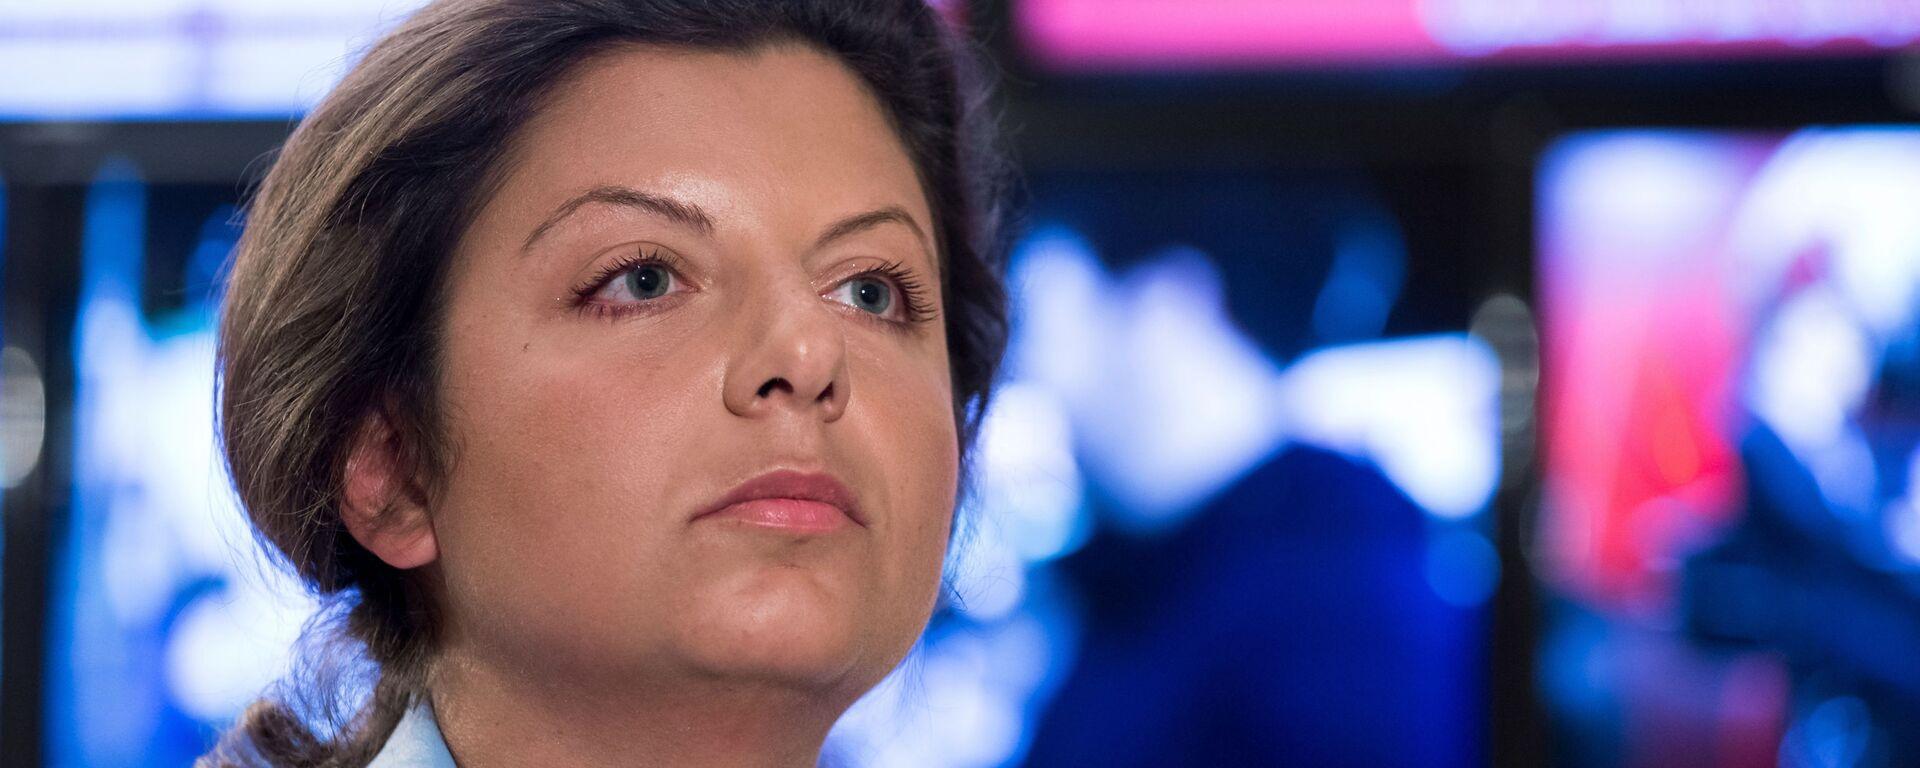 Главный редактор телеканала RT и МИА Россия сегодня Маргарита Симоньян - Sputnik Latvija, 1920, 13.09.2019